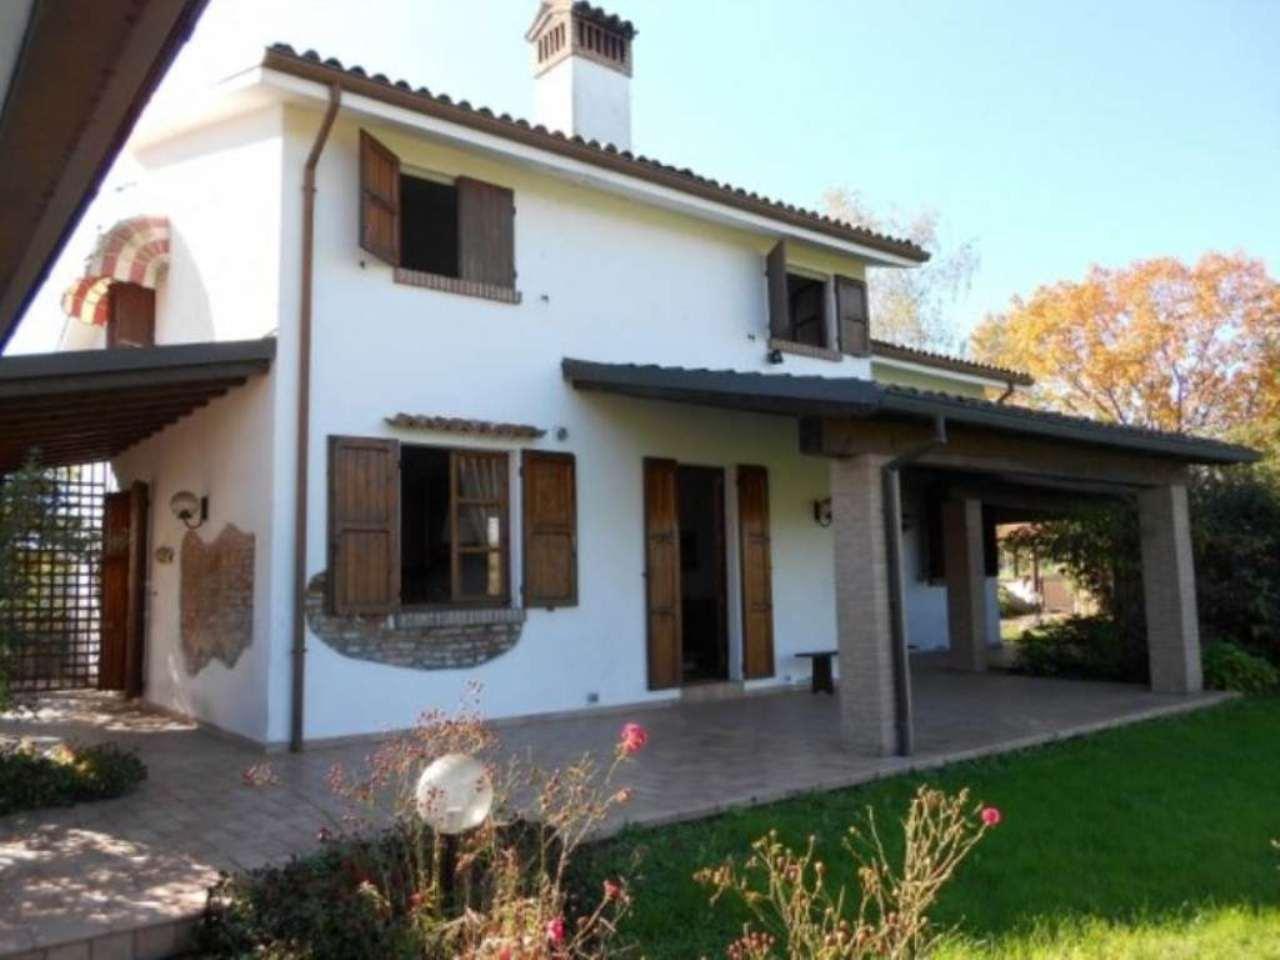 Rustico / Casale in vendita a Salsomaggiore Terme, 5 locali, prezzo € 430.000 | Cambio Casa.it